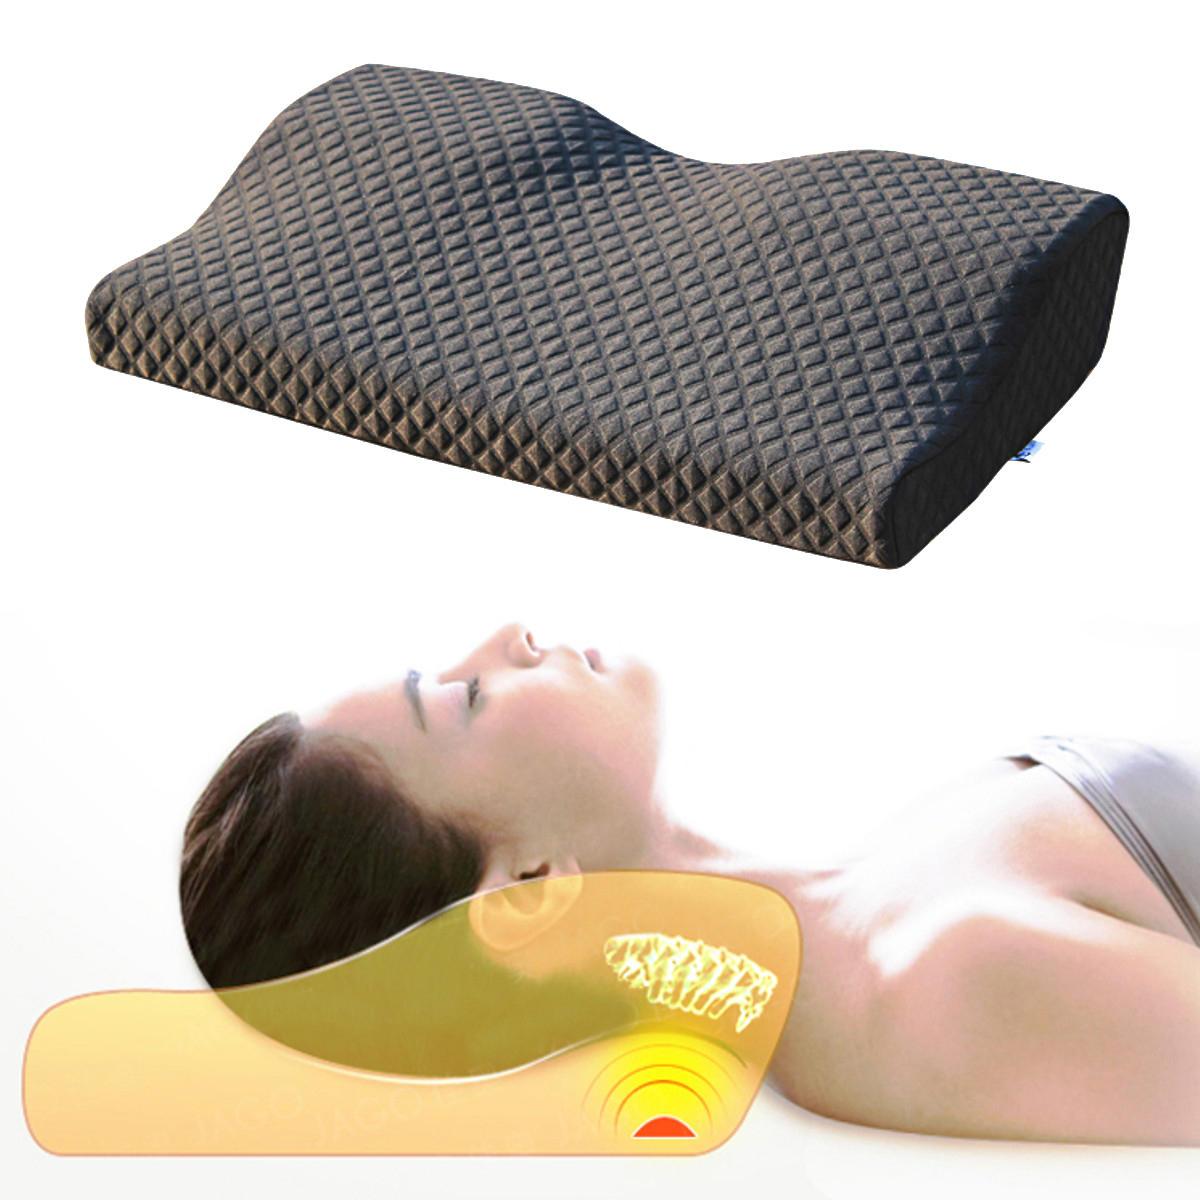 memory foam pillow cervical spondylosis neck pain relief